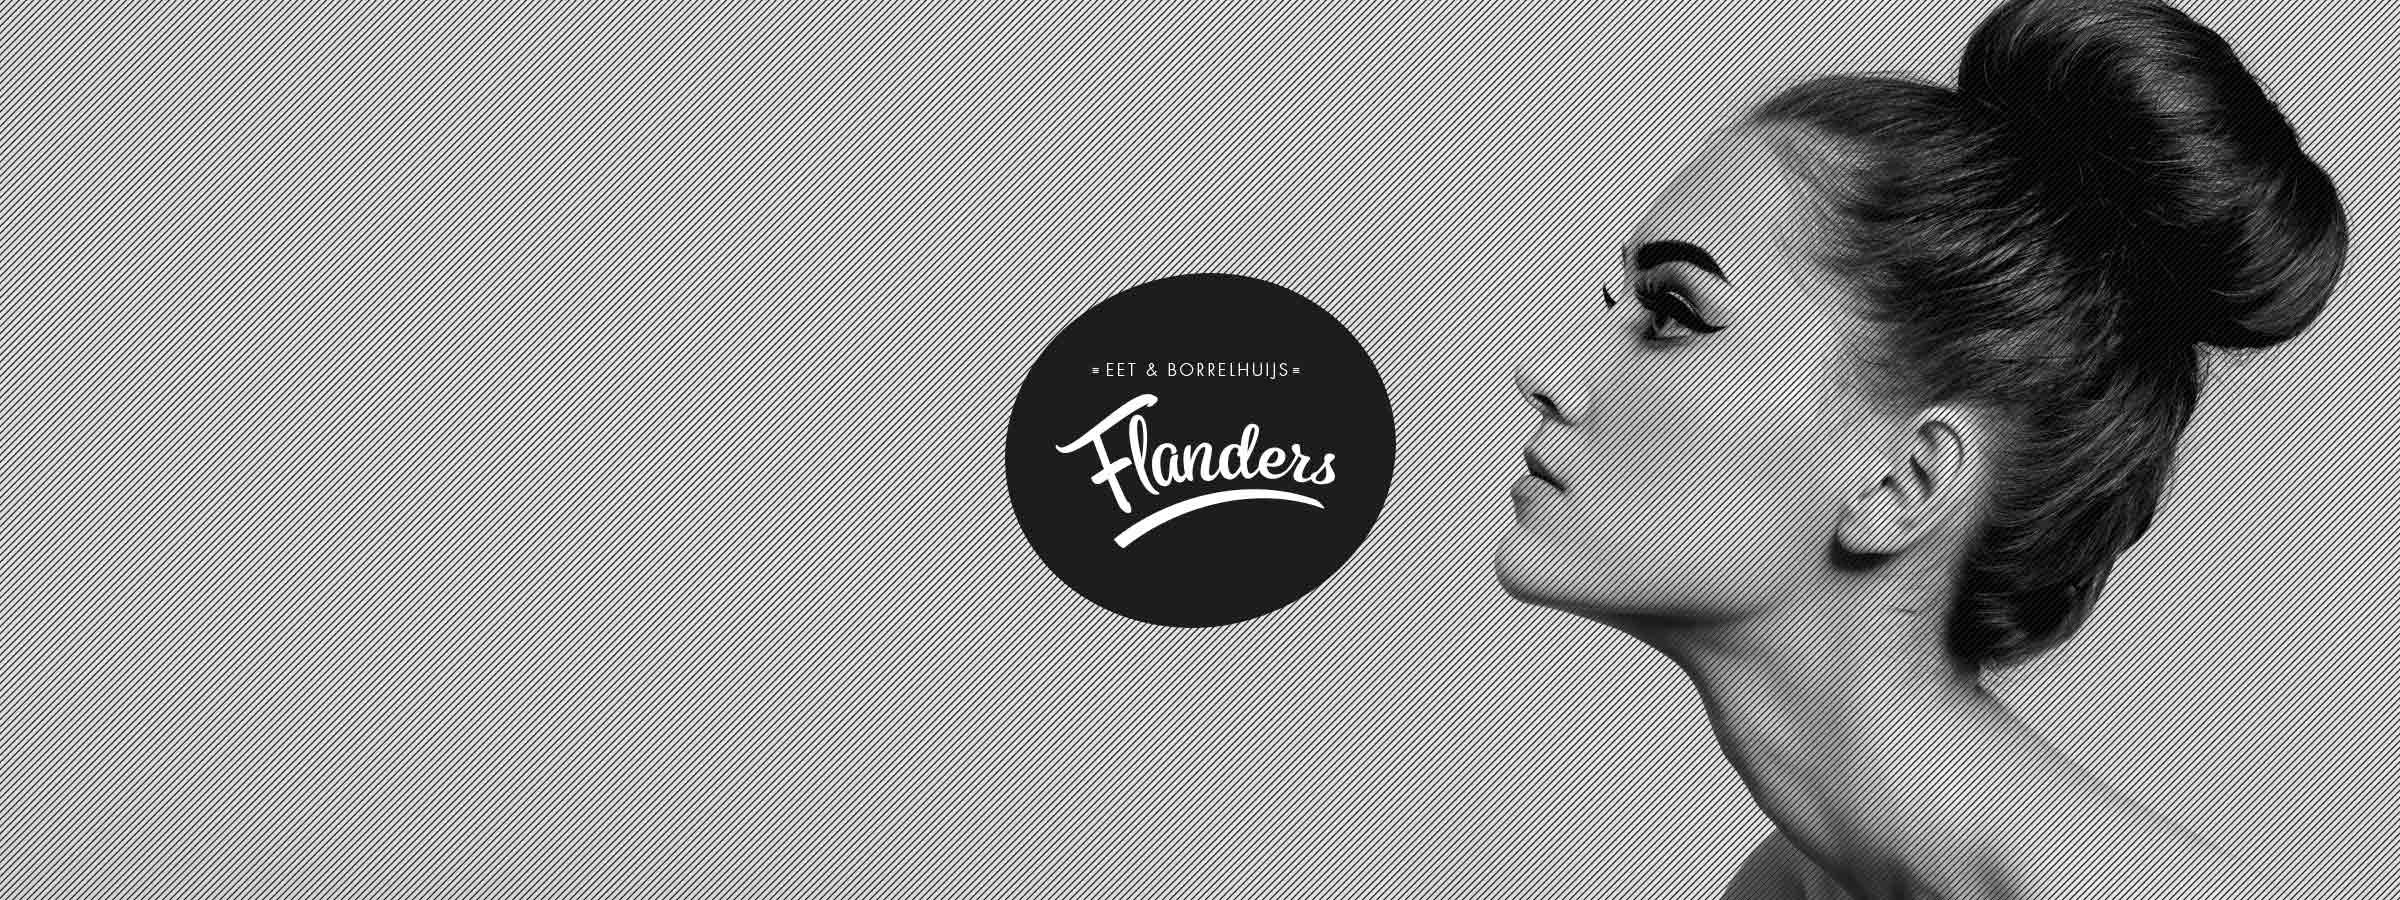 flanders-home